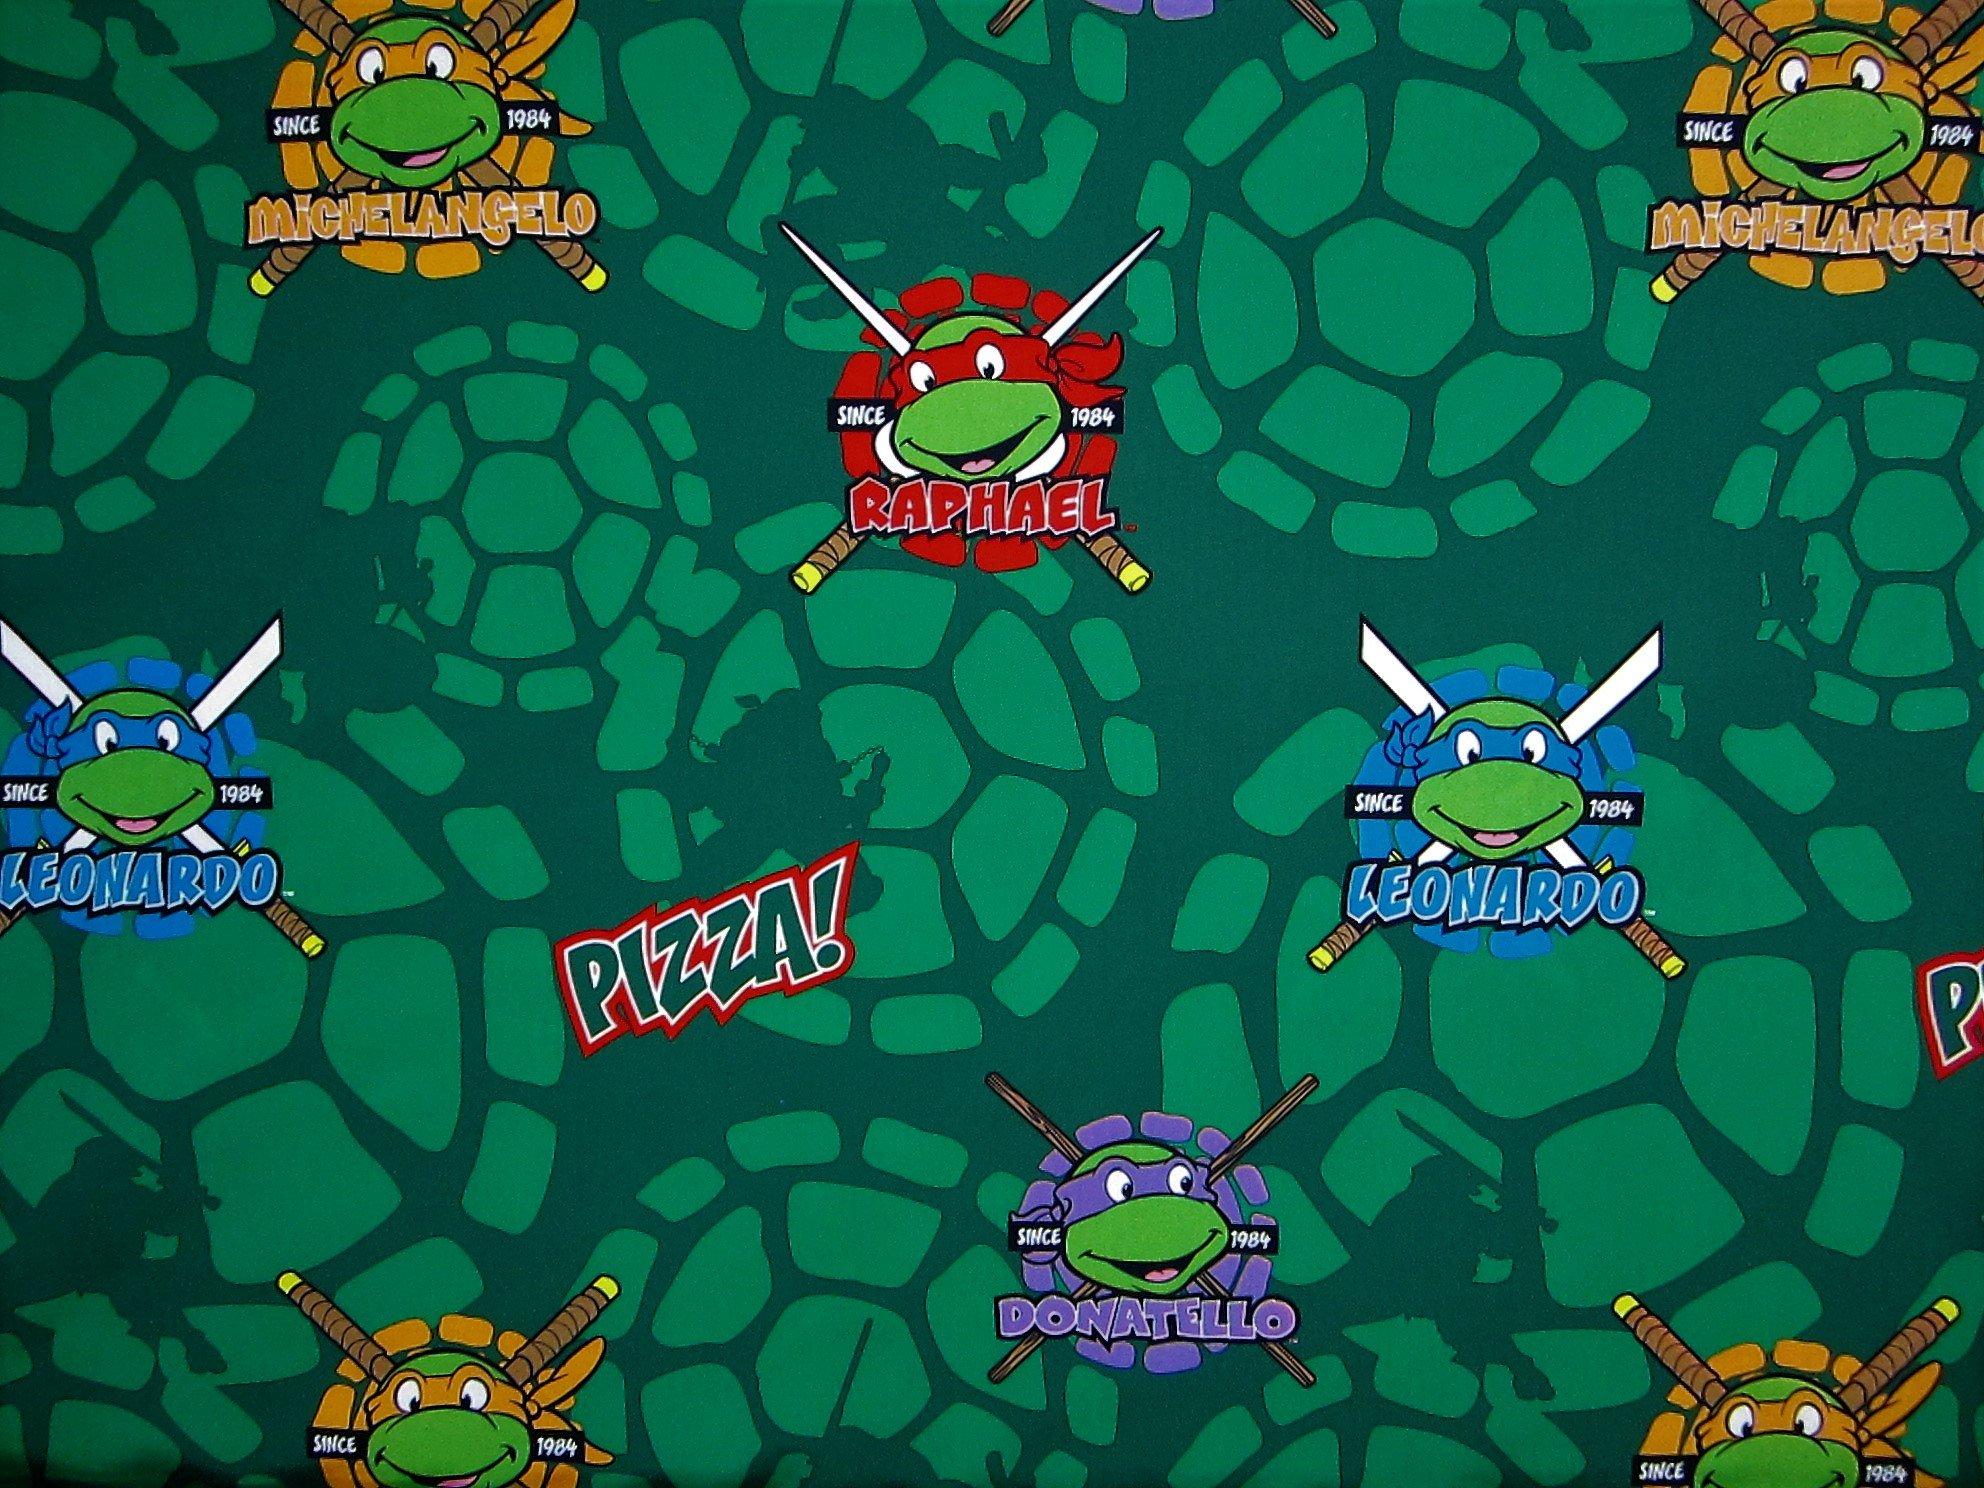 Teenage Mutant Ninja Turtles TMNT (Flat Top Sheet Only) Size TODDLER Boys Girls Kids Bedding